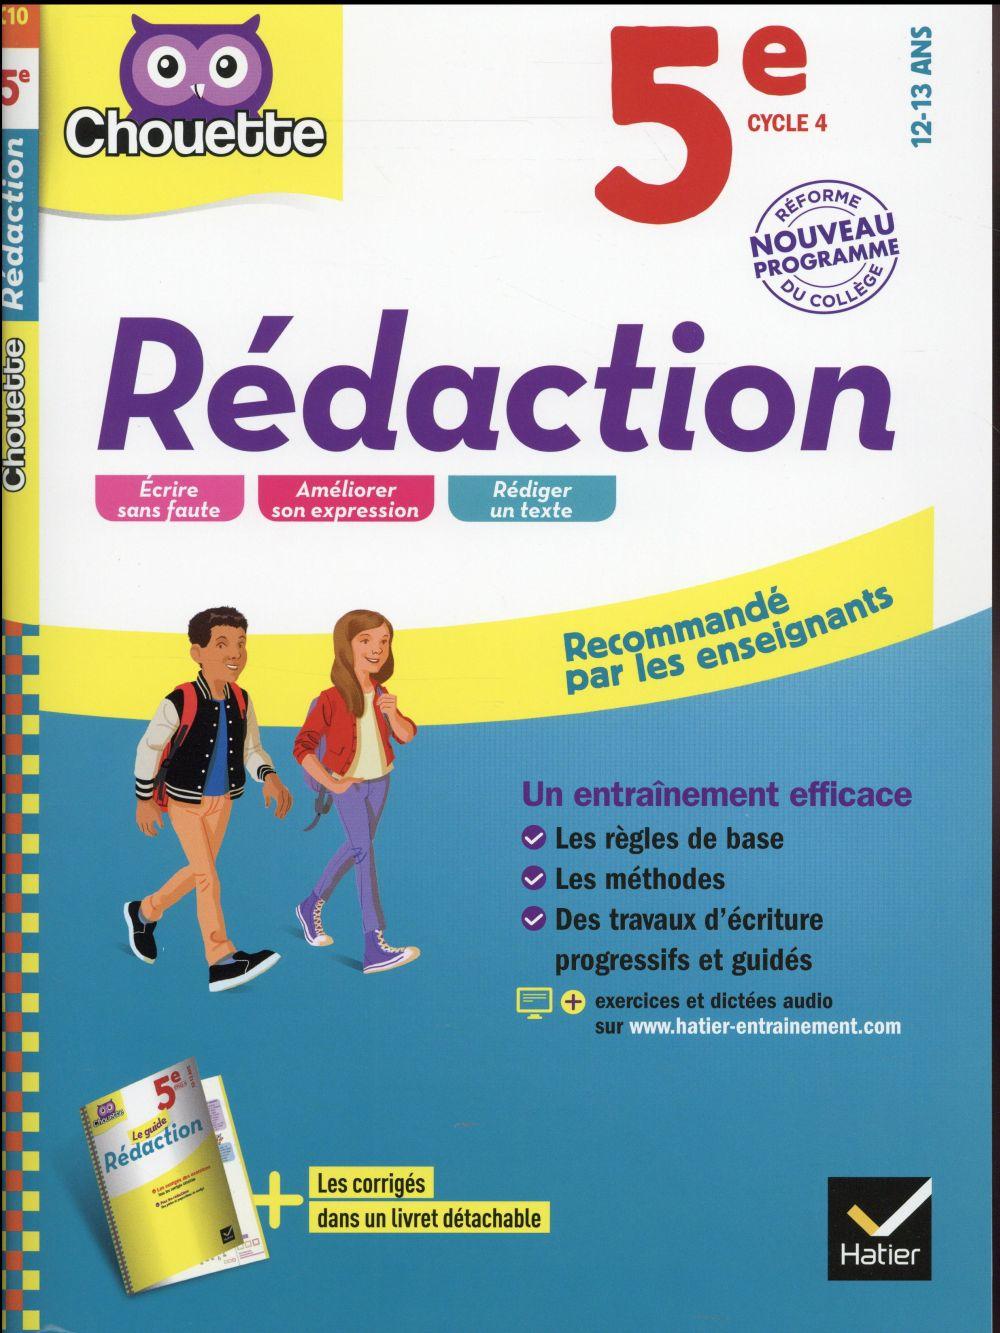 Redaction 5eme Edition 2016 Alexandra Pulliat Anne Marie Gorson Tanguy Hatier Grand Format Librairie De L Etoile Cavaillon